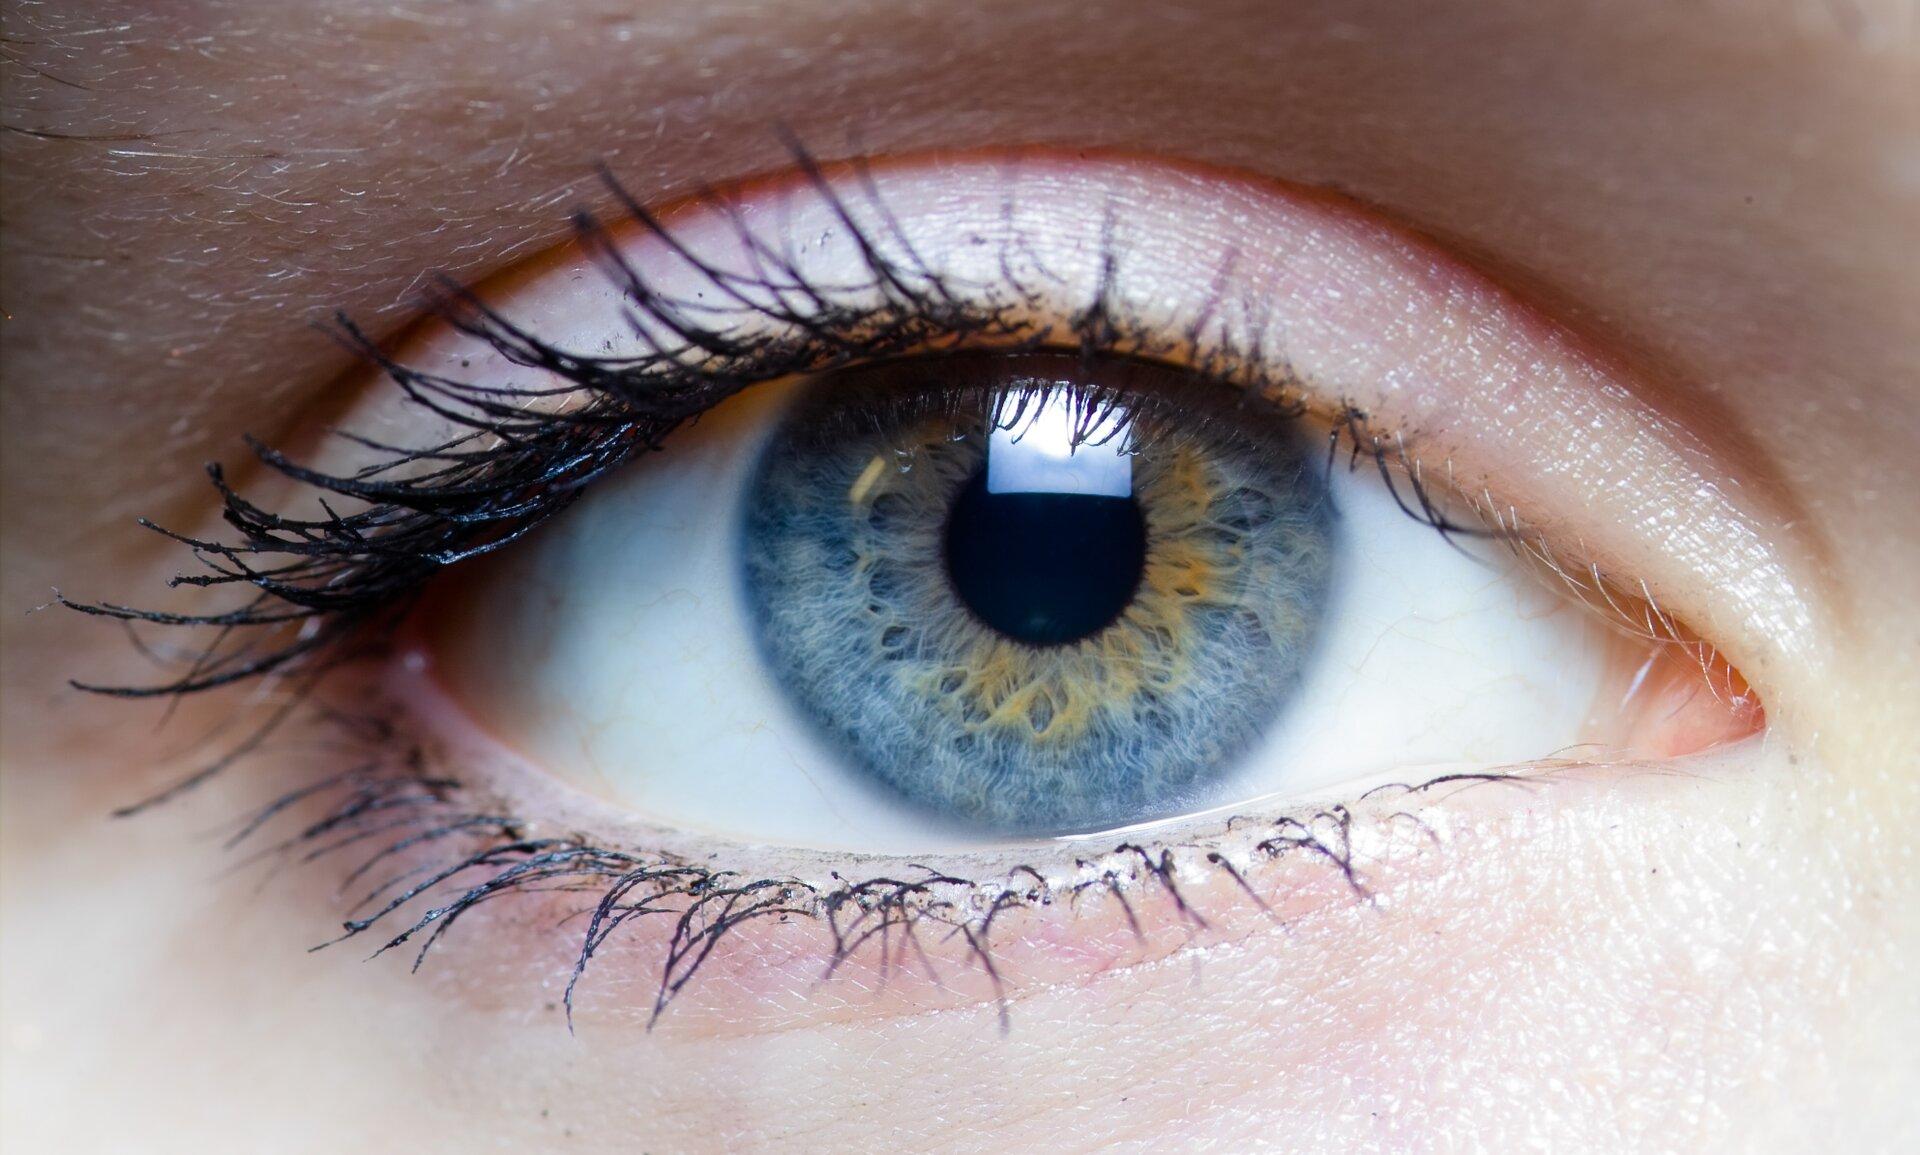 Zdjęcie ludzkiego oka